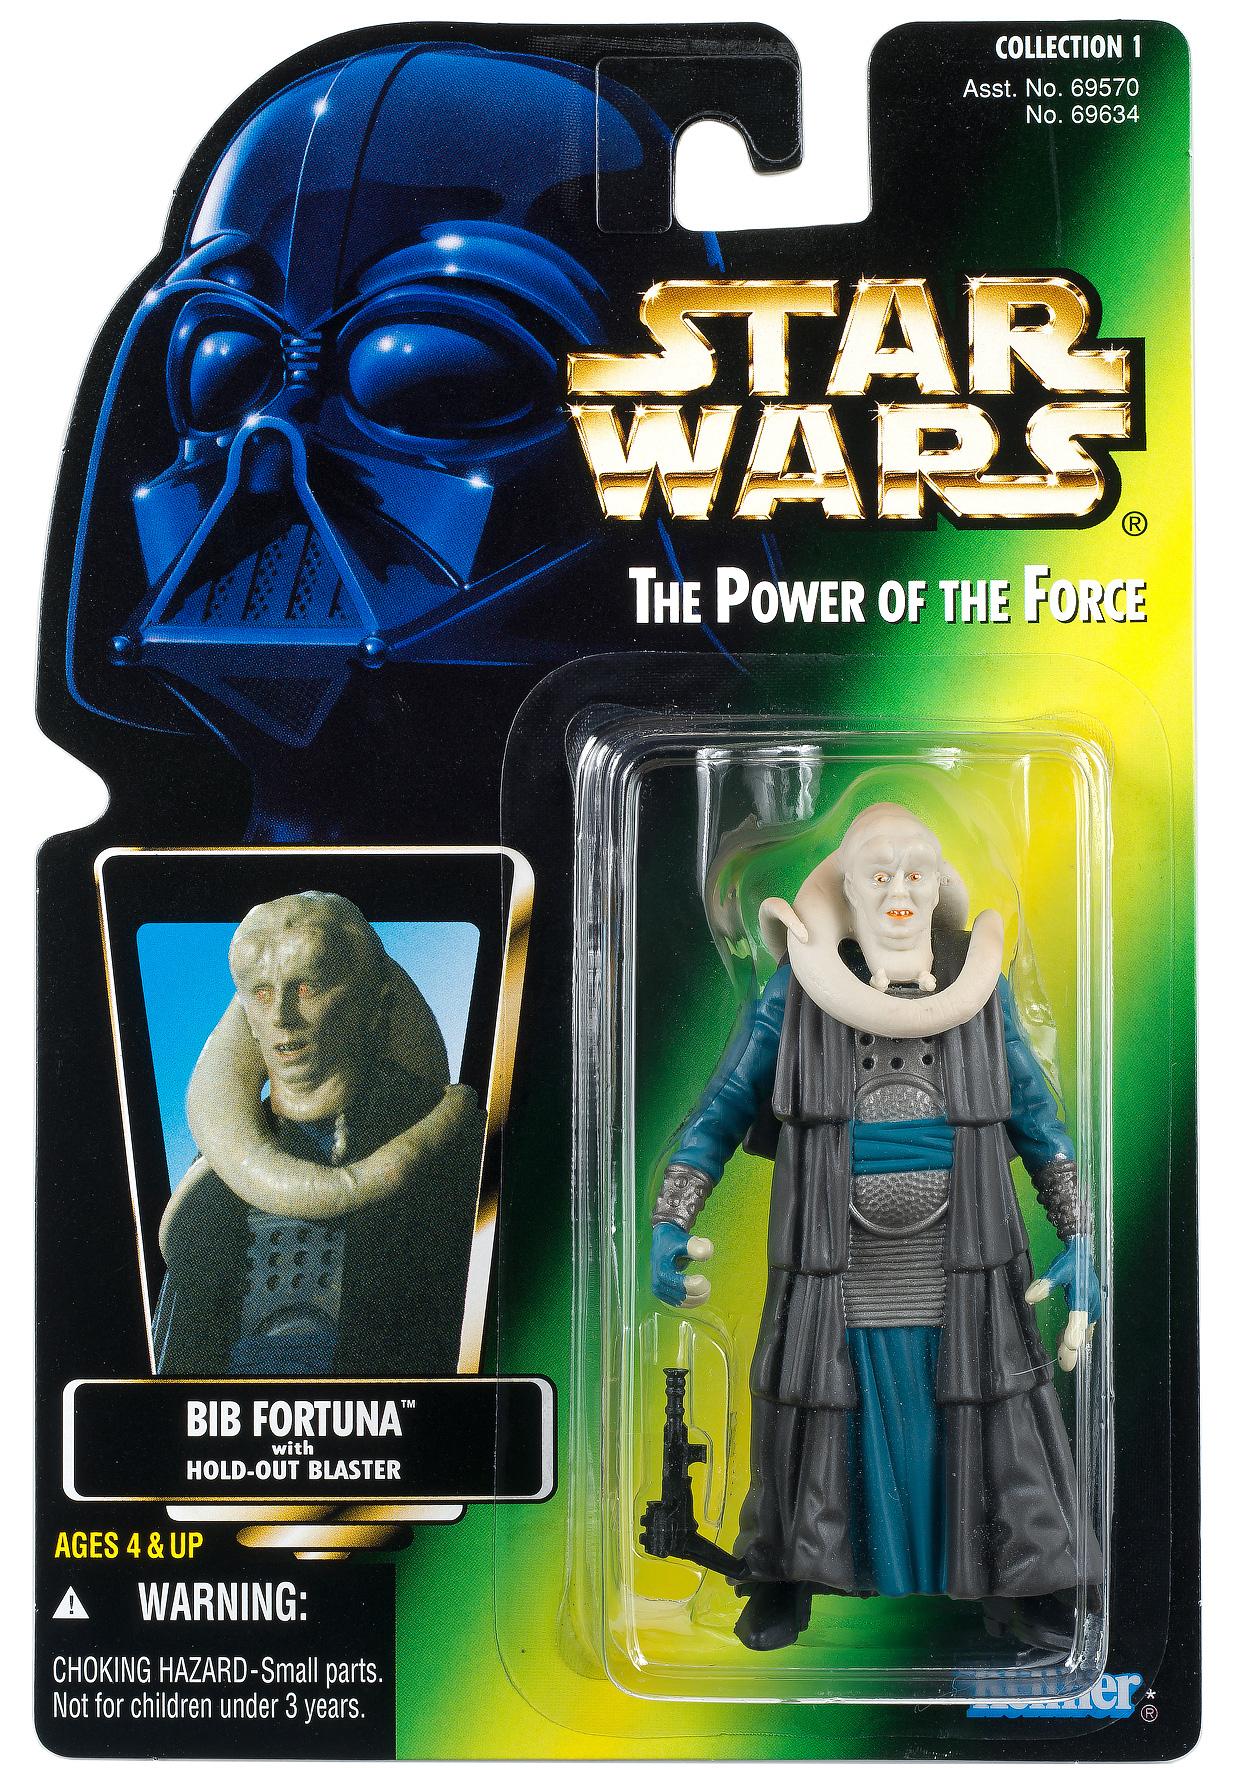 Bib fortuna - Vintage Star Wars thumbnail